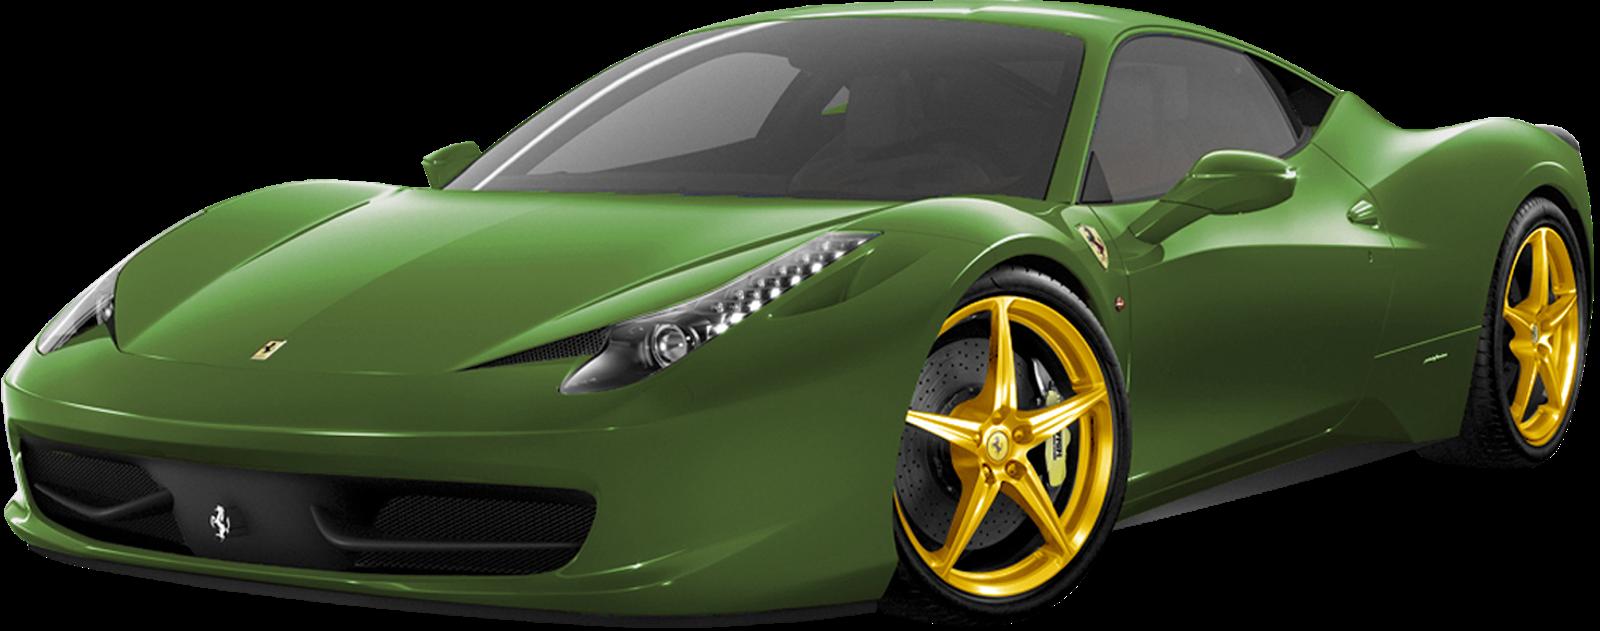 Ferrari PNG Image